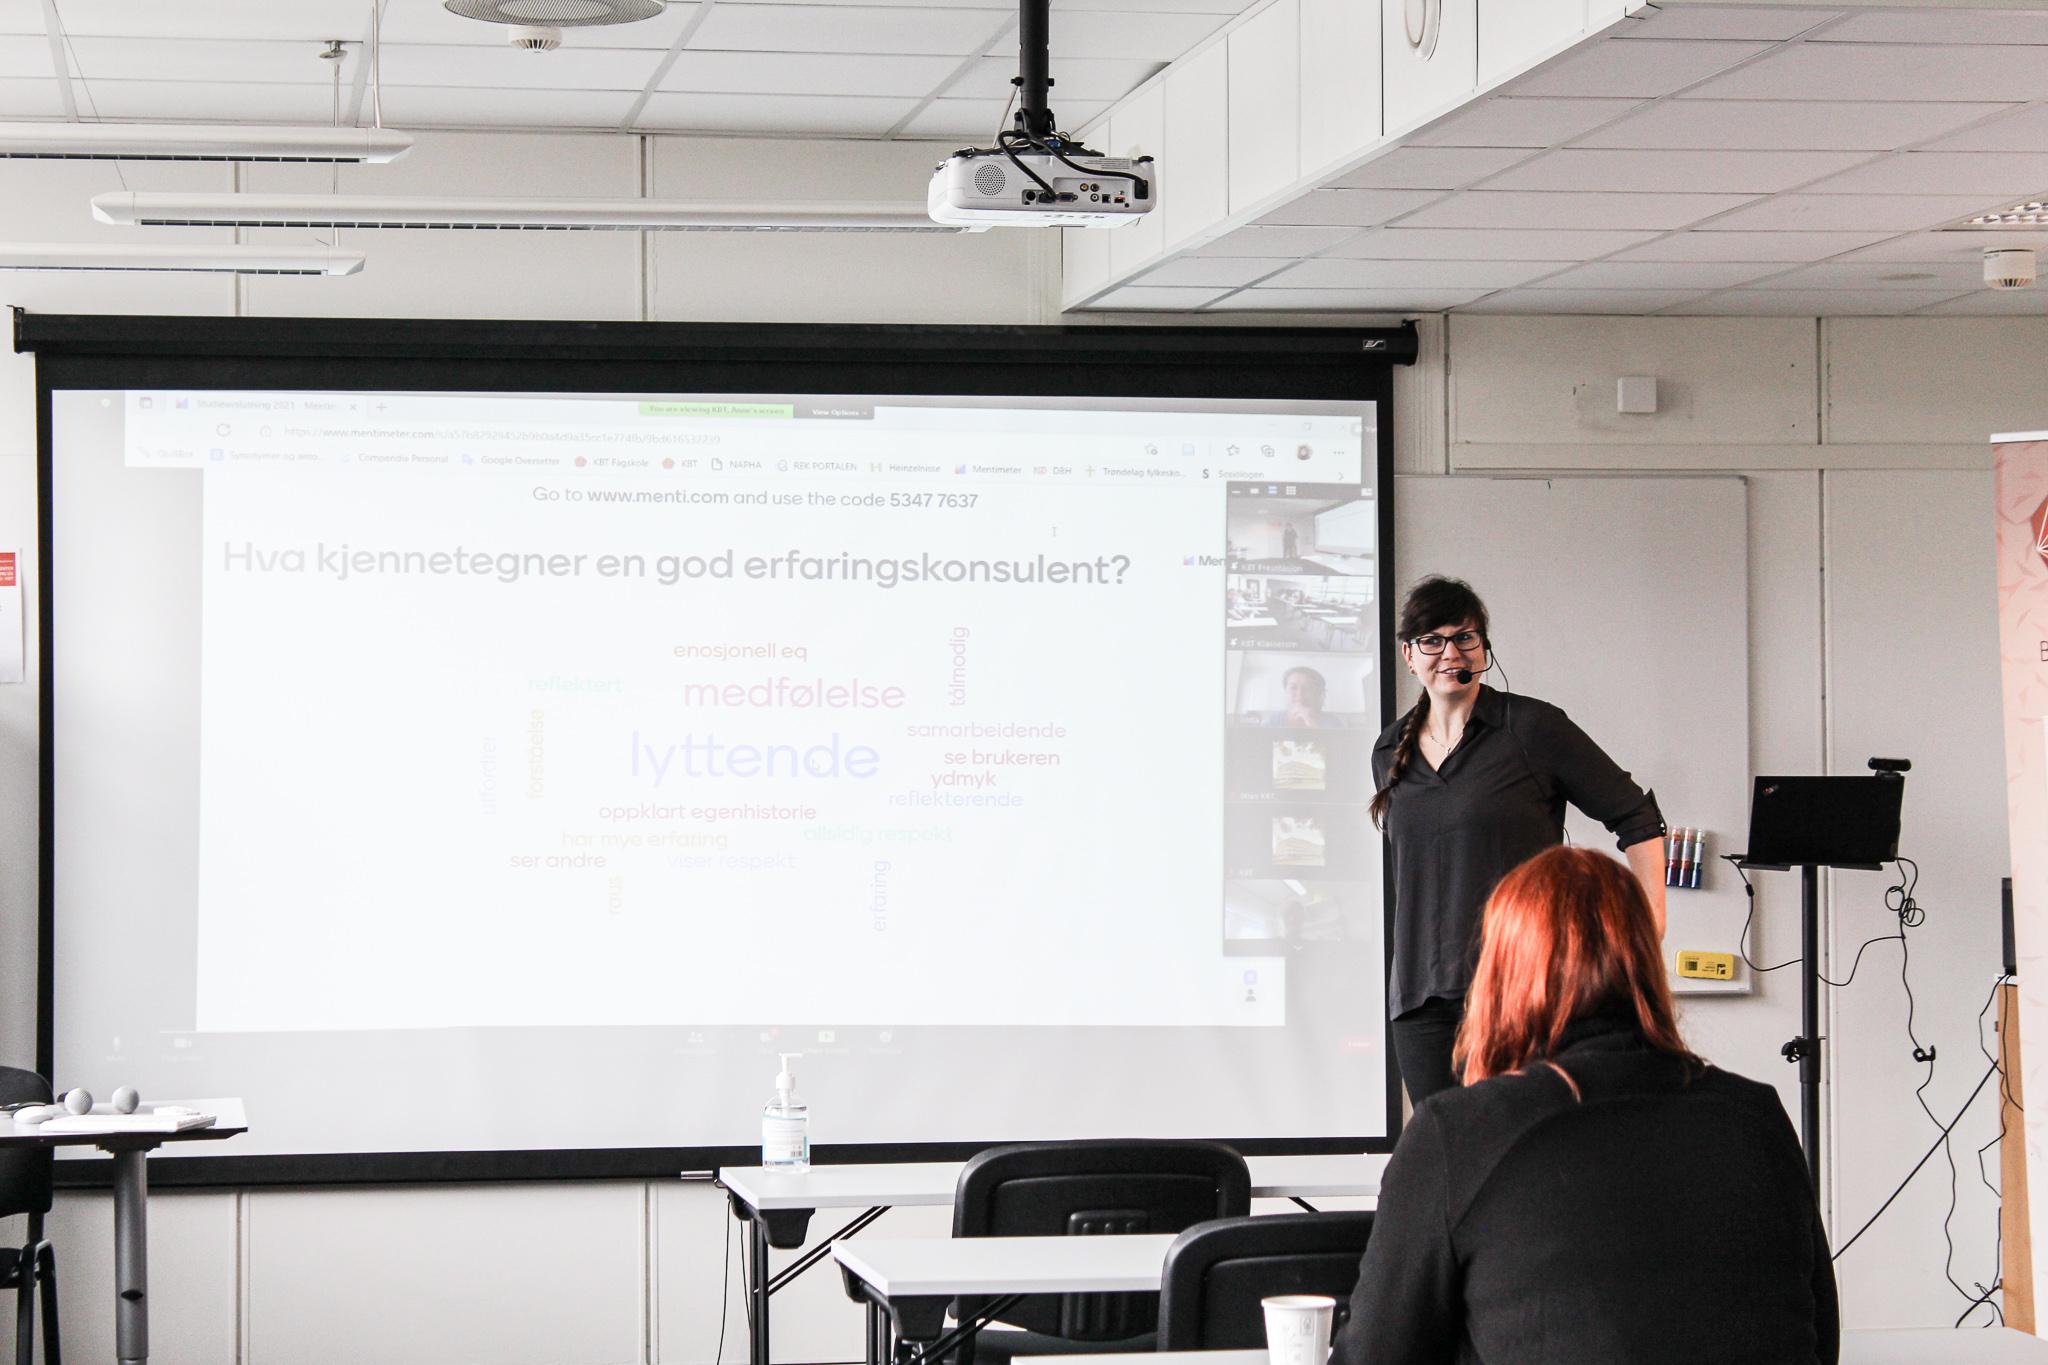 Anne Hirrich taler til studentene (bilde)